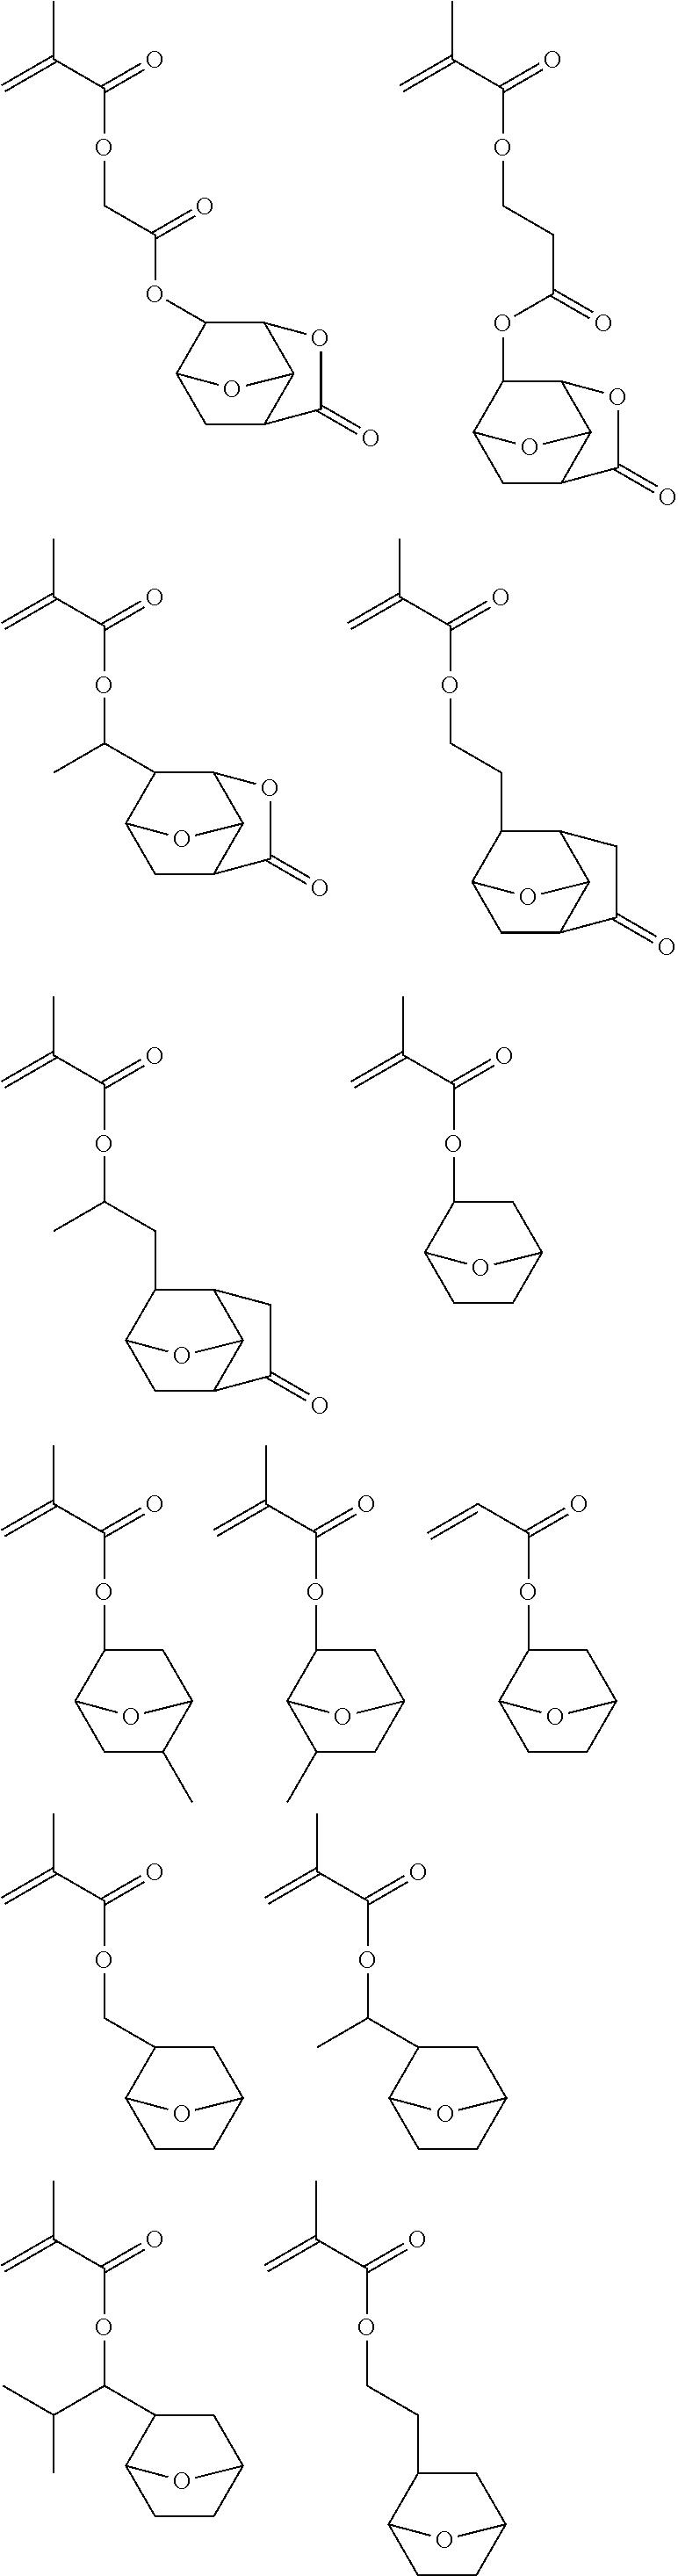 Figure US20110294070A1-20111201-C00039